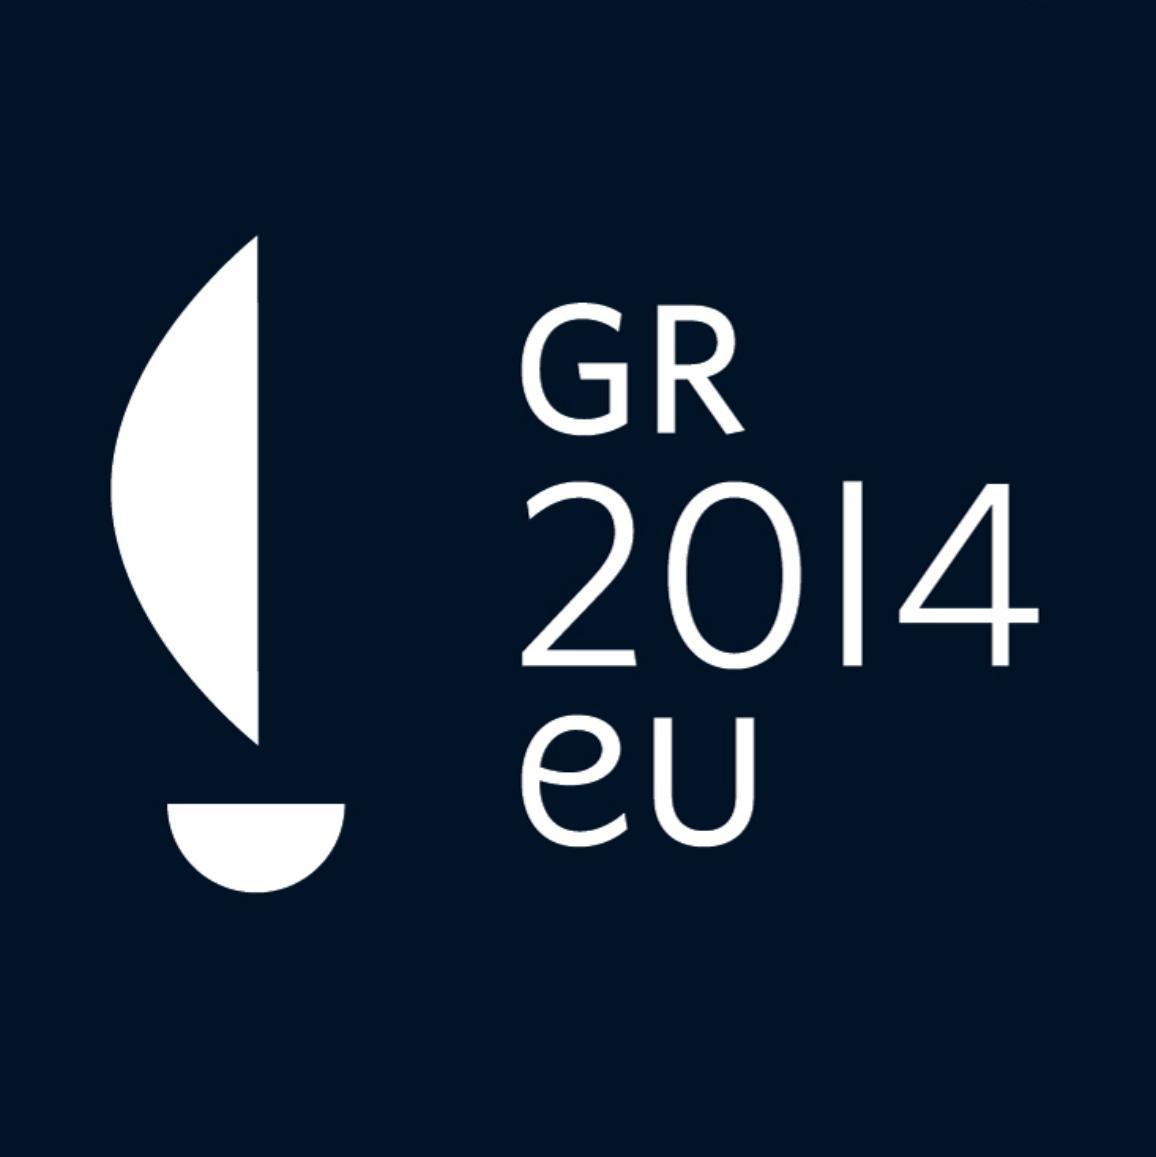 Лого на гръцкото председателство на Съвета на ЕС